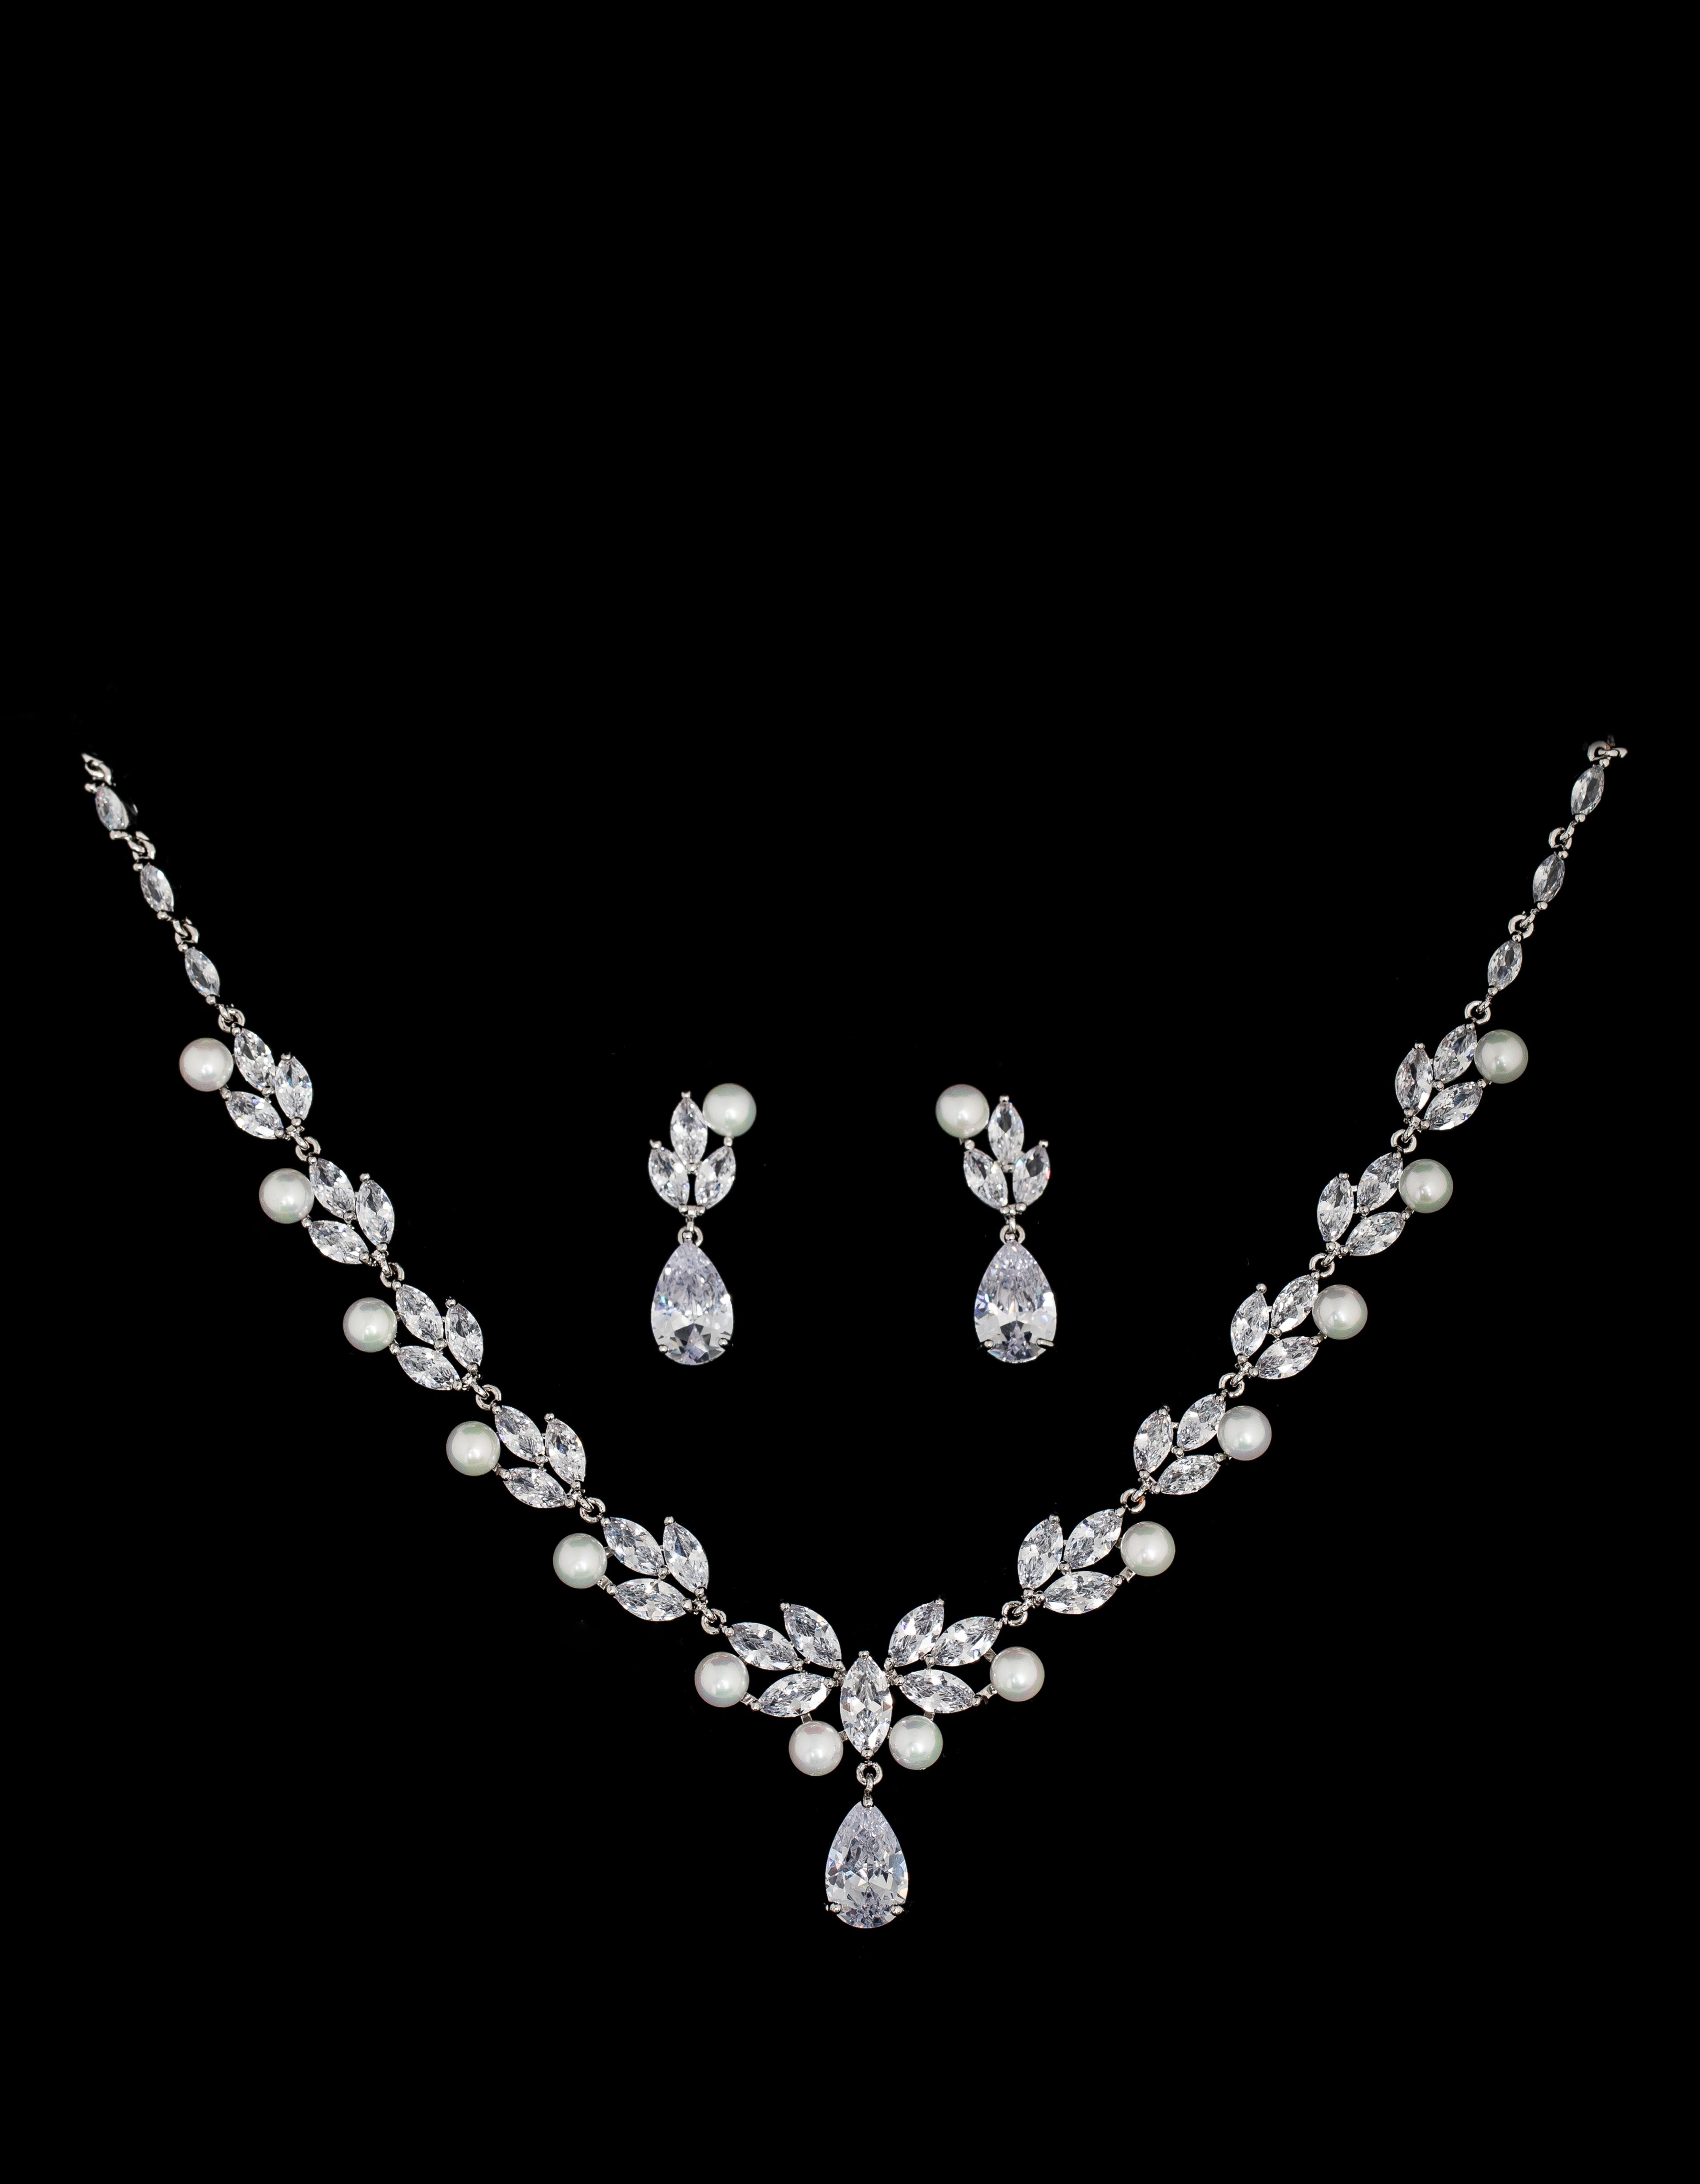 Bridal Classics Necklace Sets CZ-879